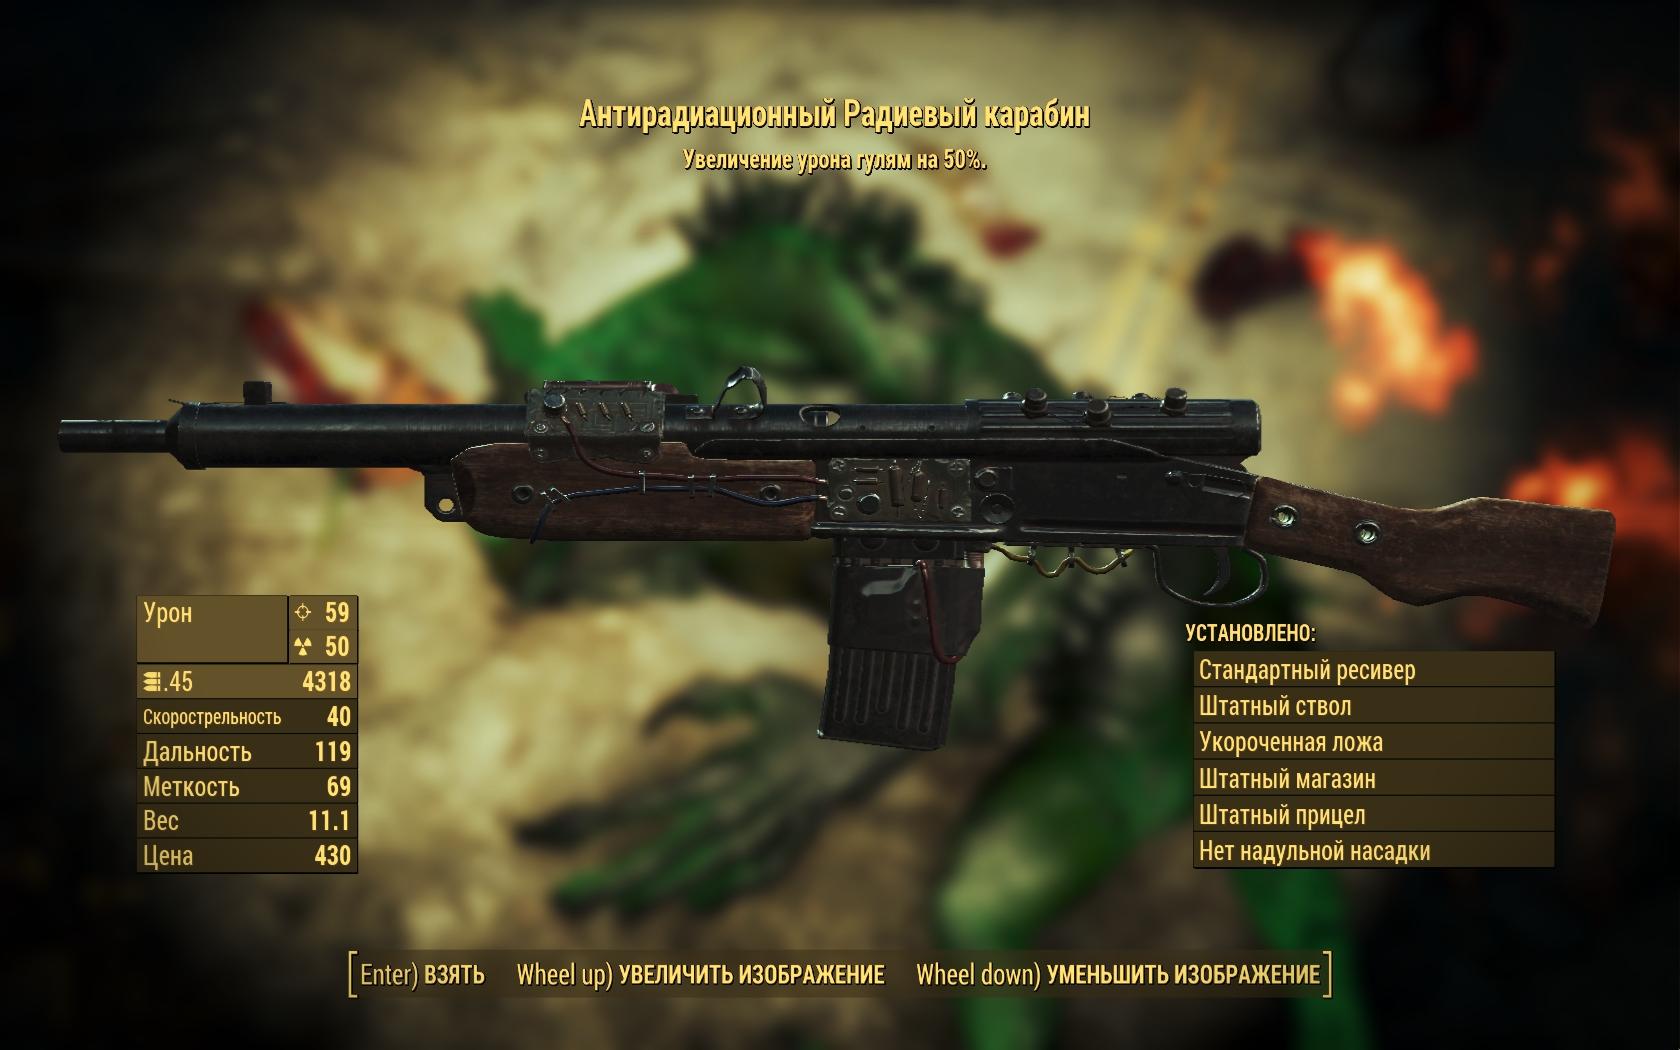 карабин - Fallout 4 Антирадиационный, Оружие, радиевый